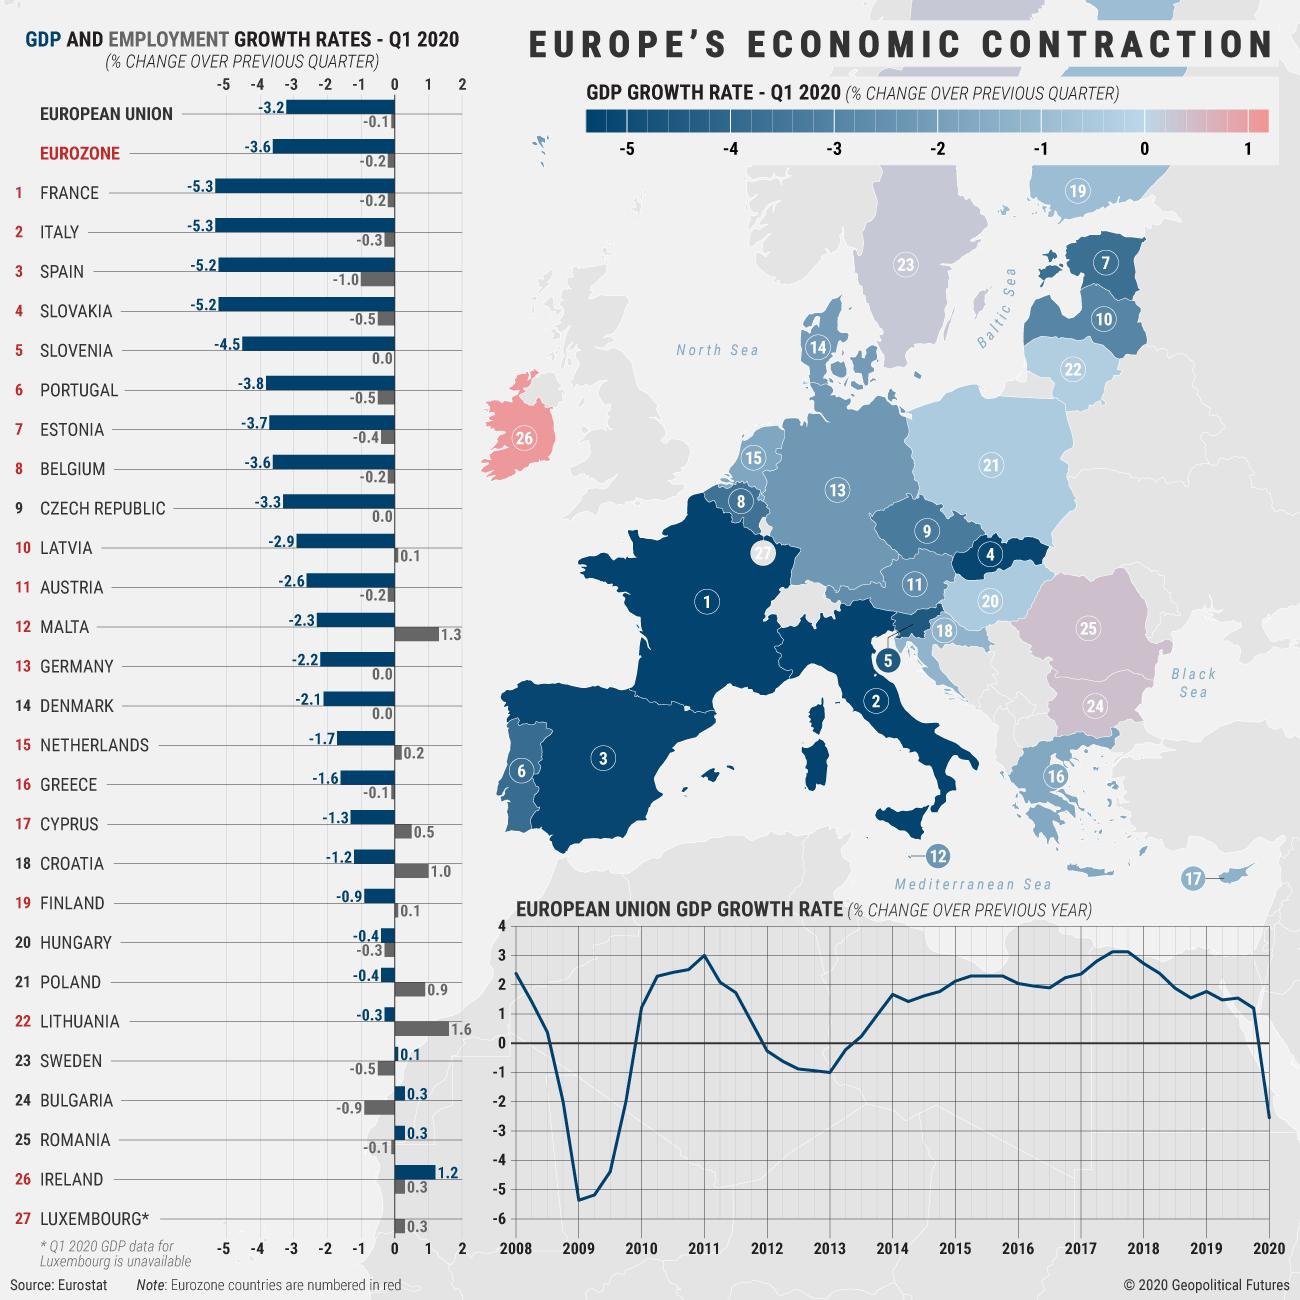 Europe's Economic Contraction